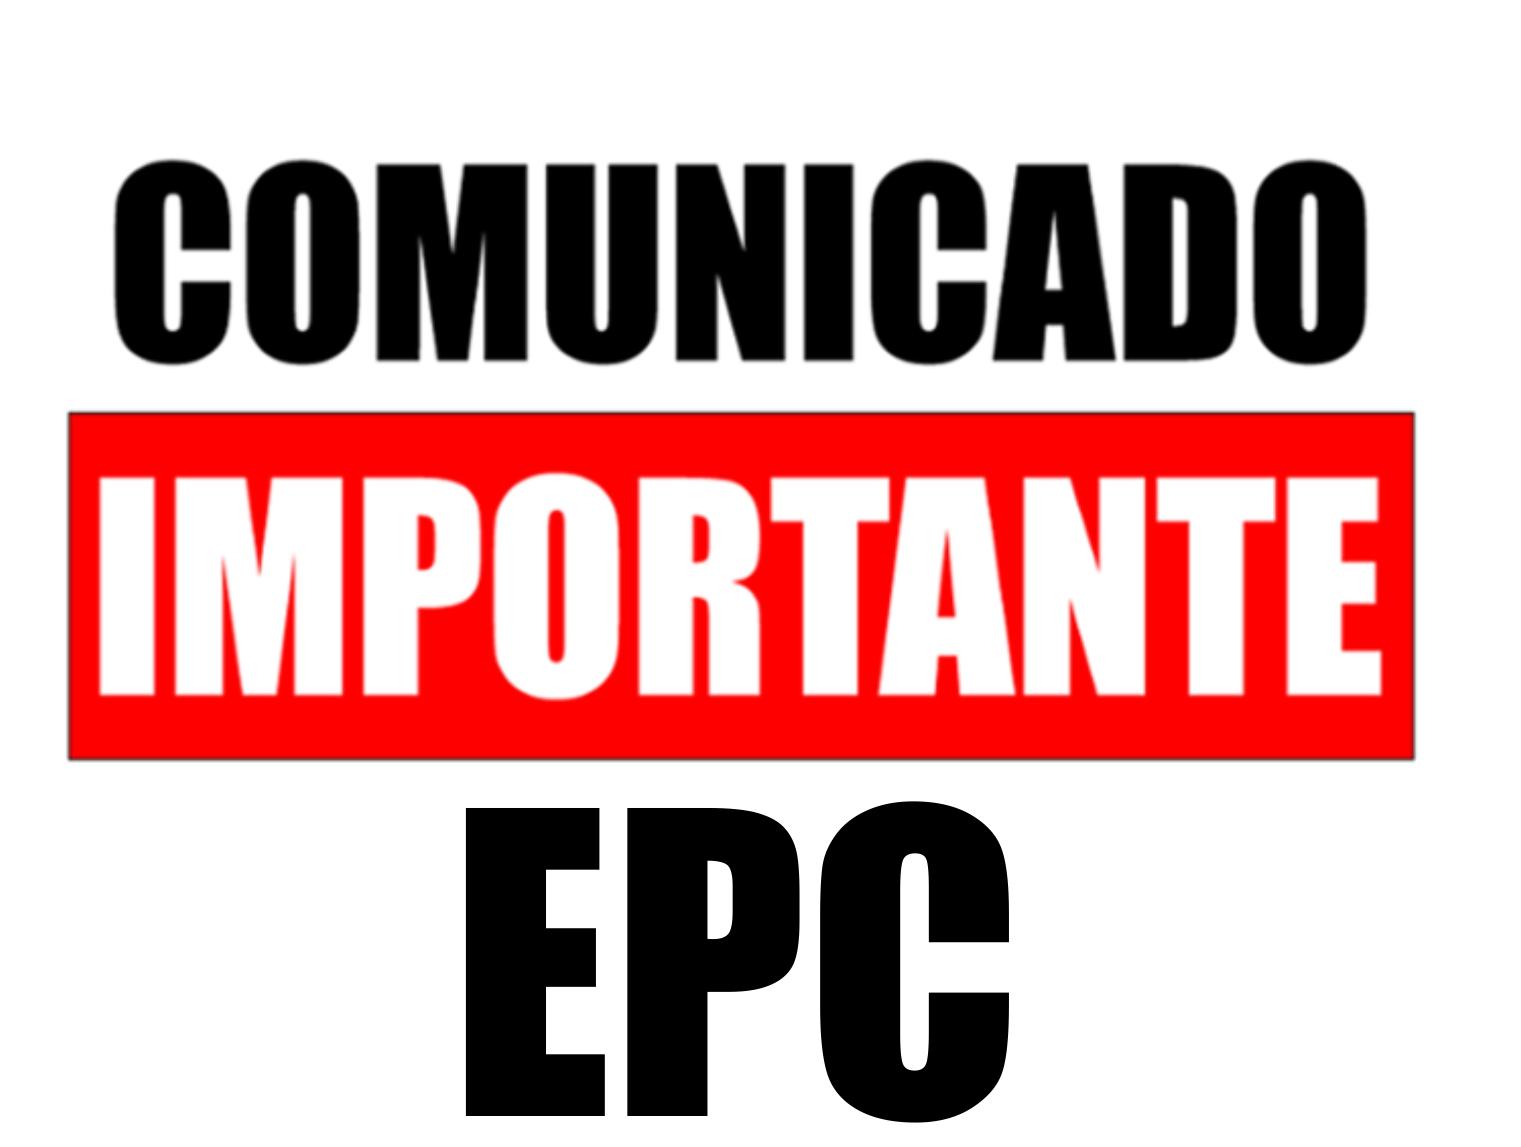 Aula na EPC